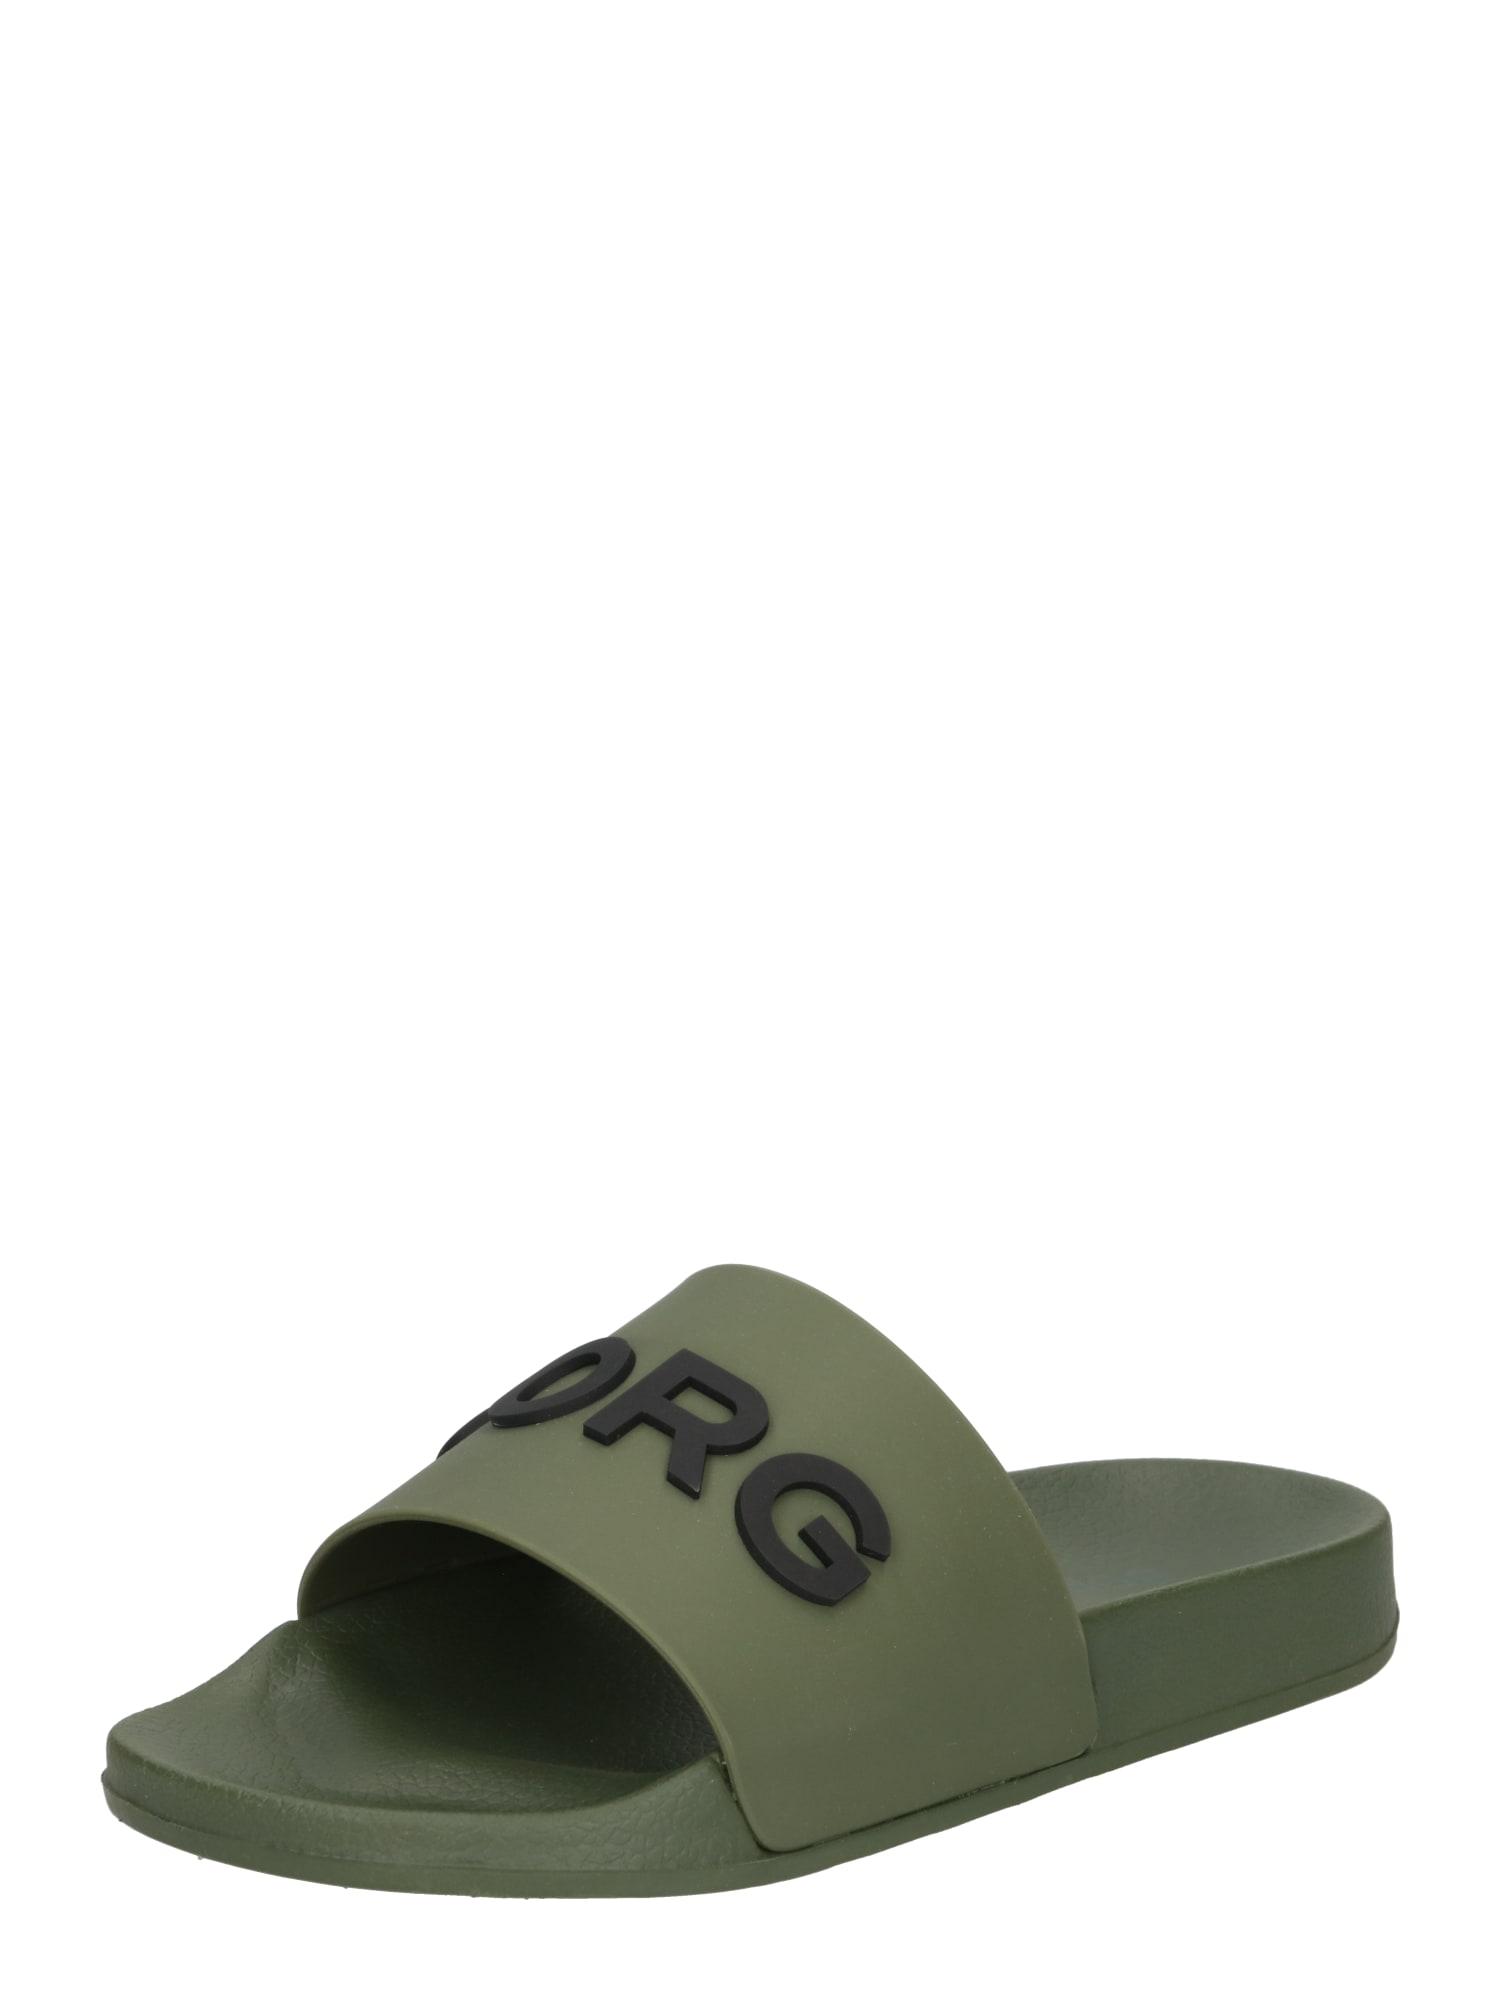 BJÖRN BORG Atviri batai rusvai žalia